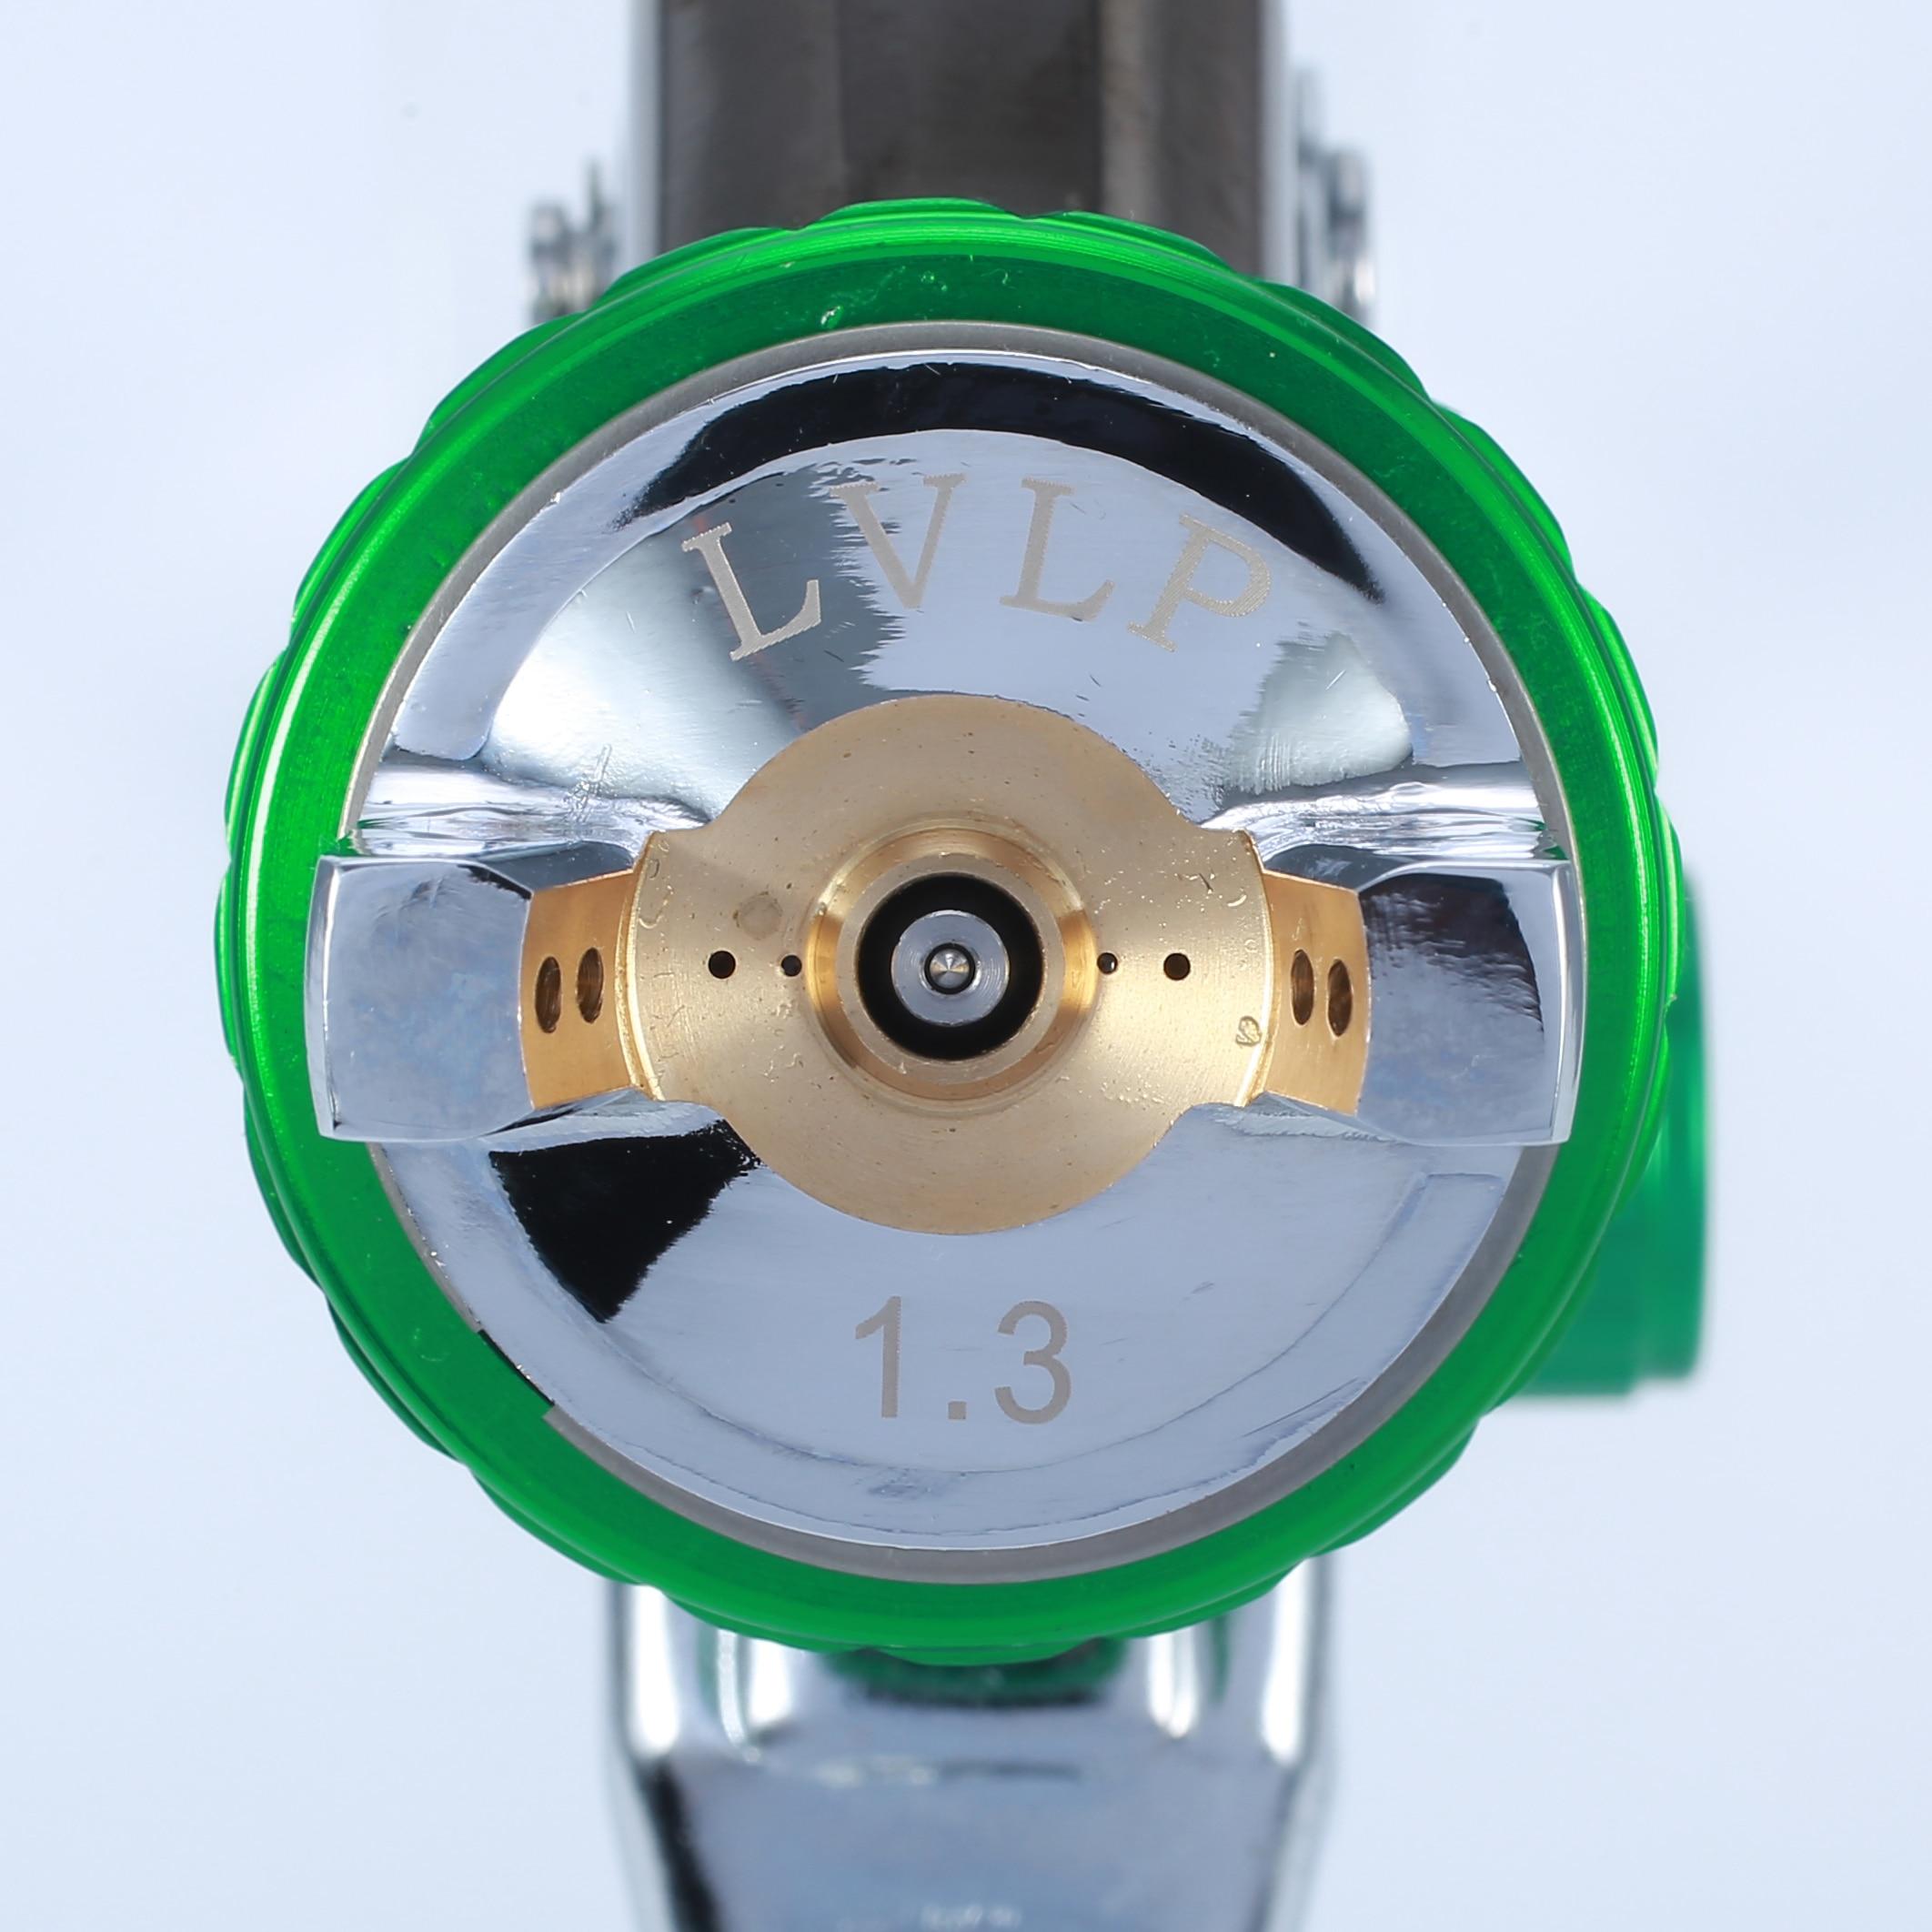 Auarita L898 Professionelle 1,3mm Hvlp Spritzpistole Gravity-Feed Farbe Gun Automotive Sprayer Farbe 600ml